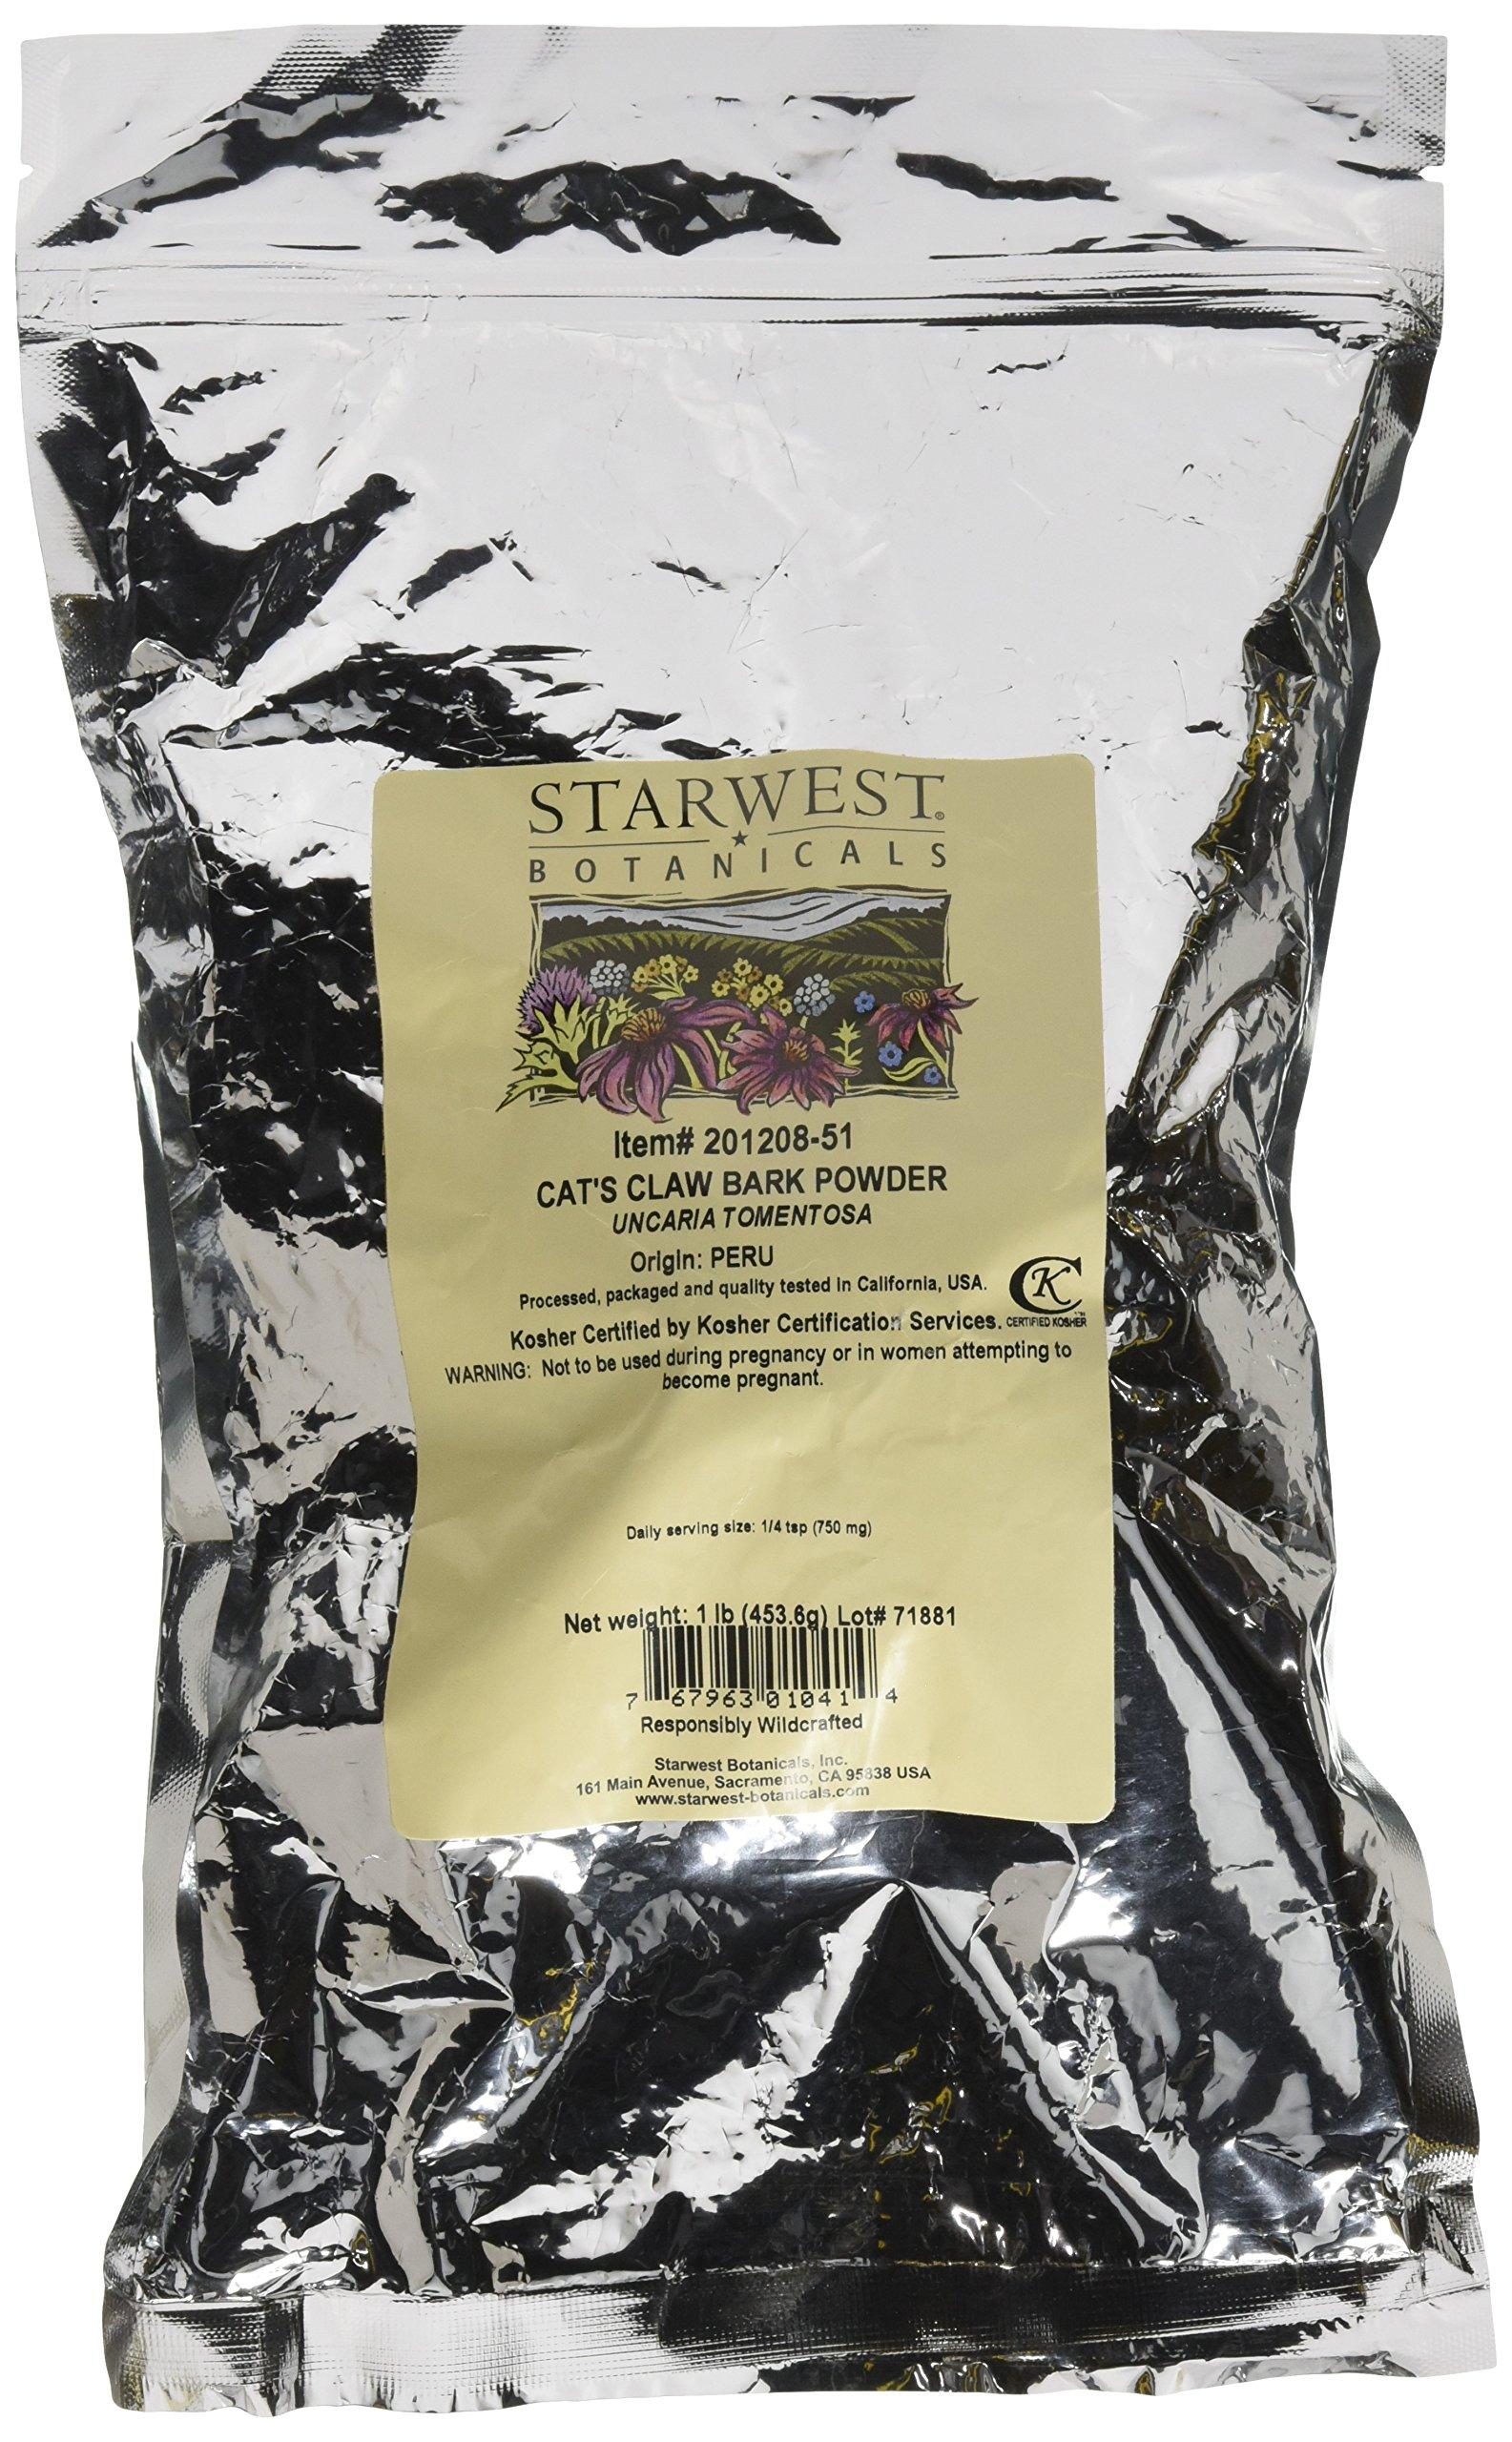 Starwest Botanicals Cat's Claw Inner Bark Powder Wildcrafted, 1 Pound